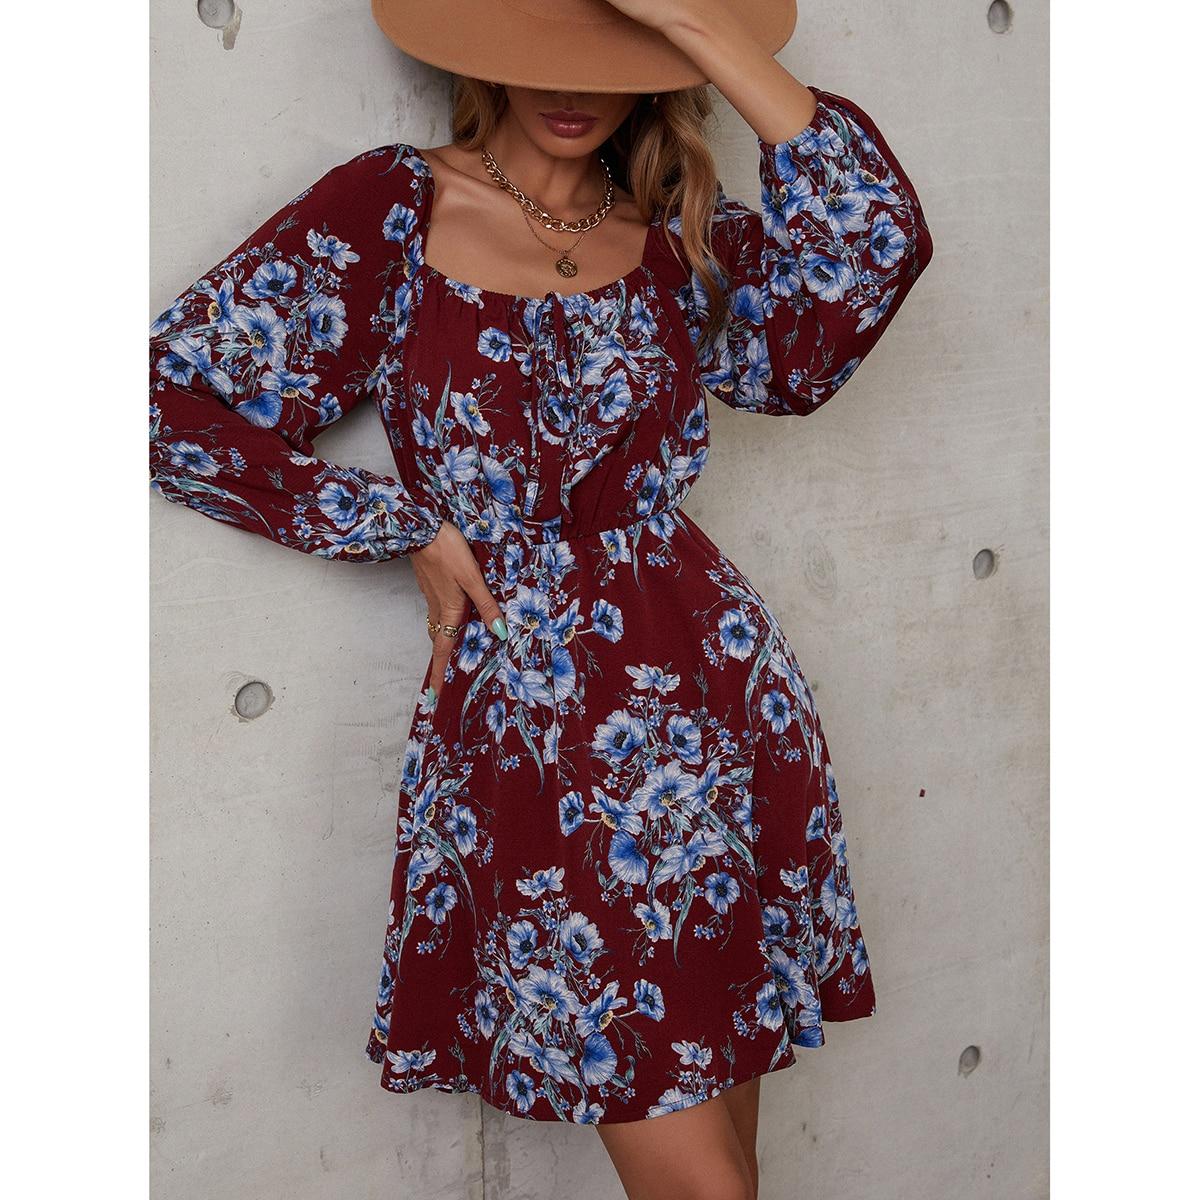 Floral Print Square Neck Tie Front A-line Dress